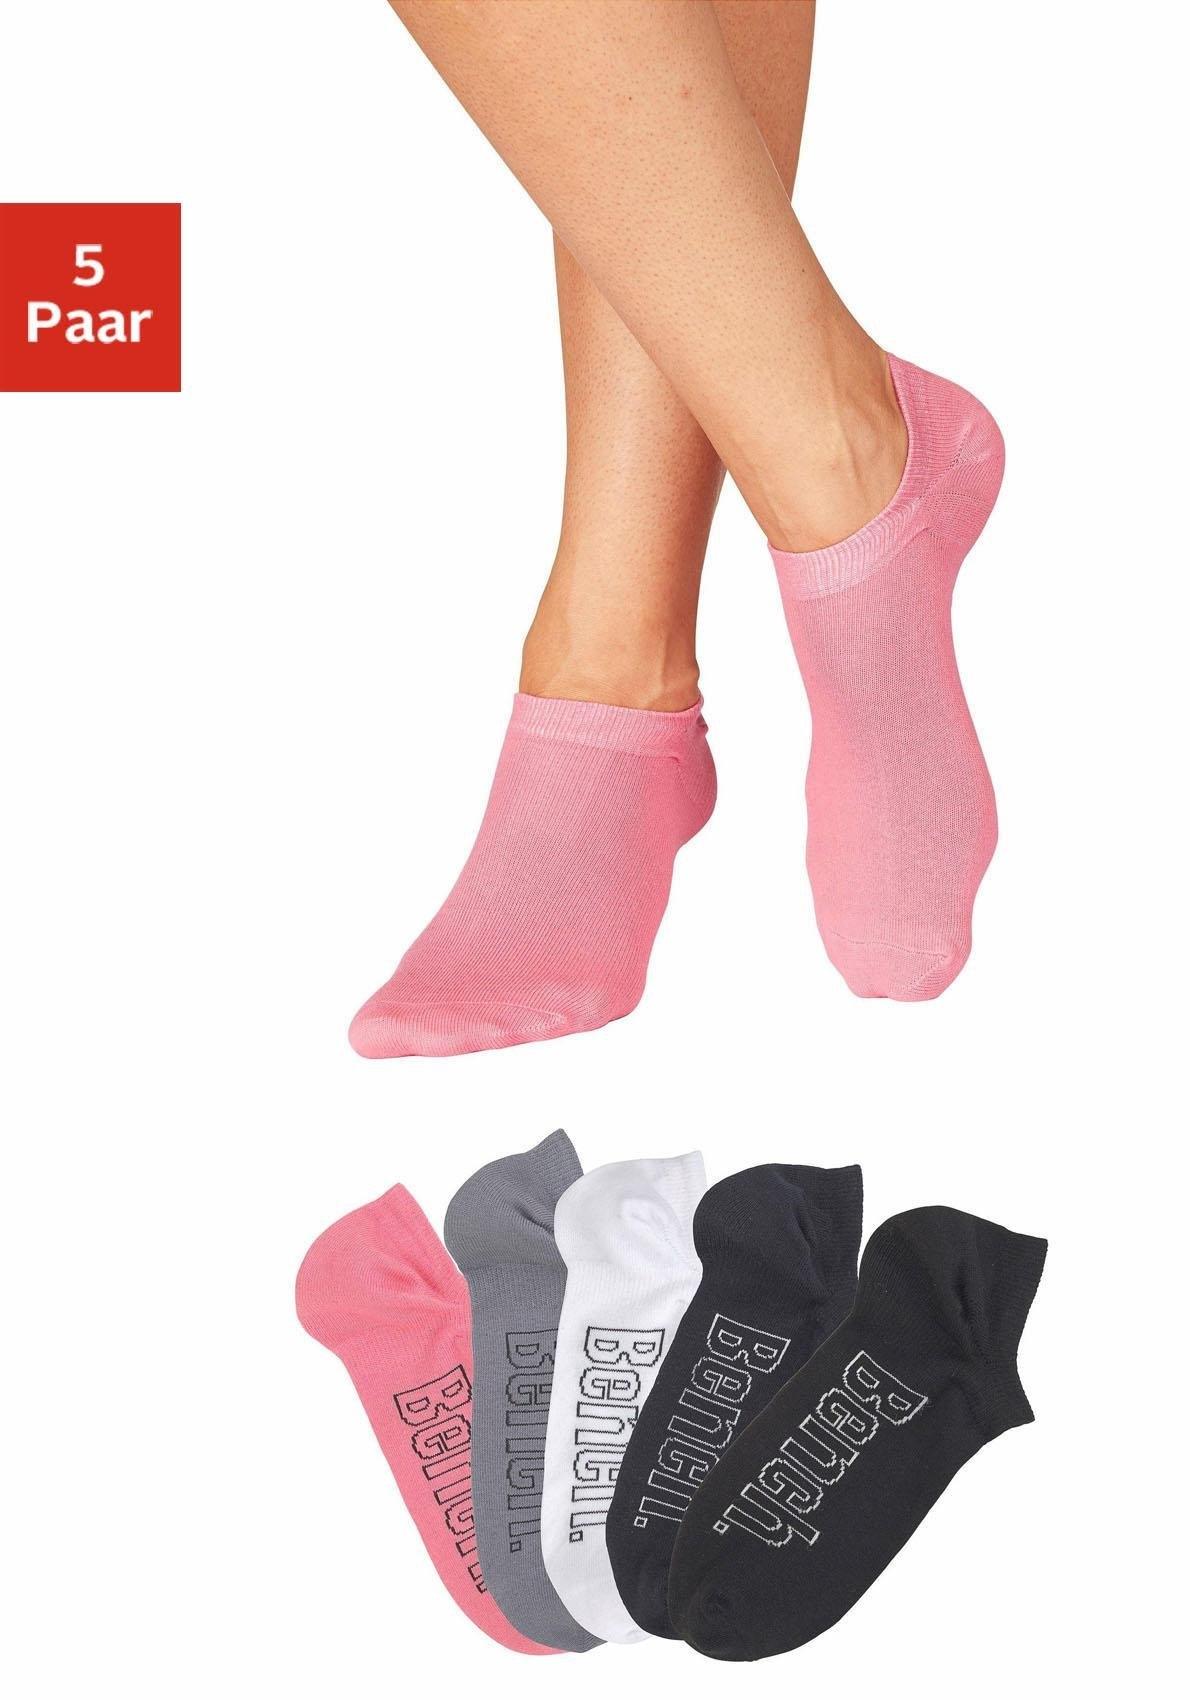 Bench. Sneakersokken voor modieuze sneakers-schoenen (5 paar) voordelig en veilig online kopen